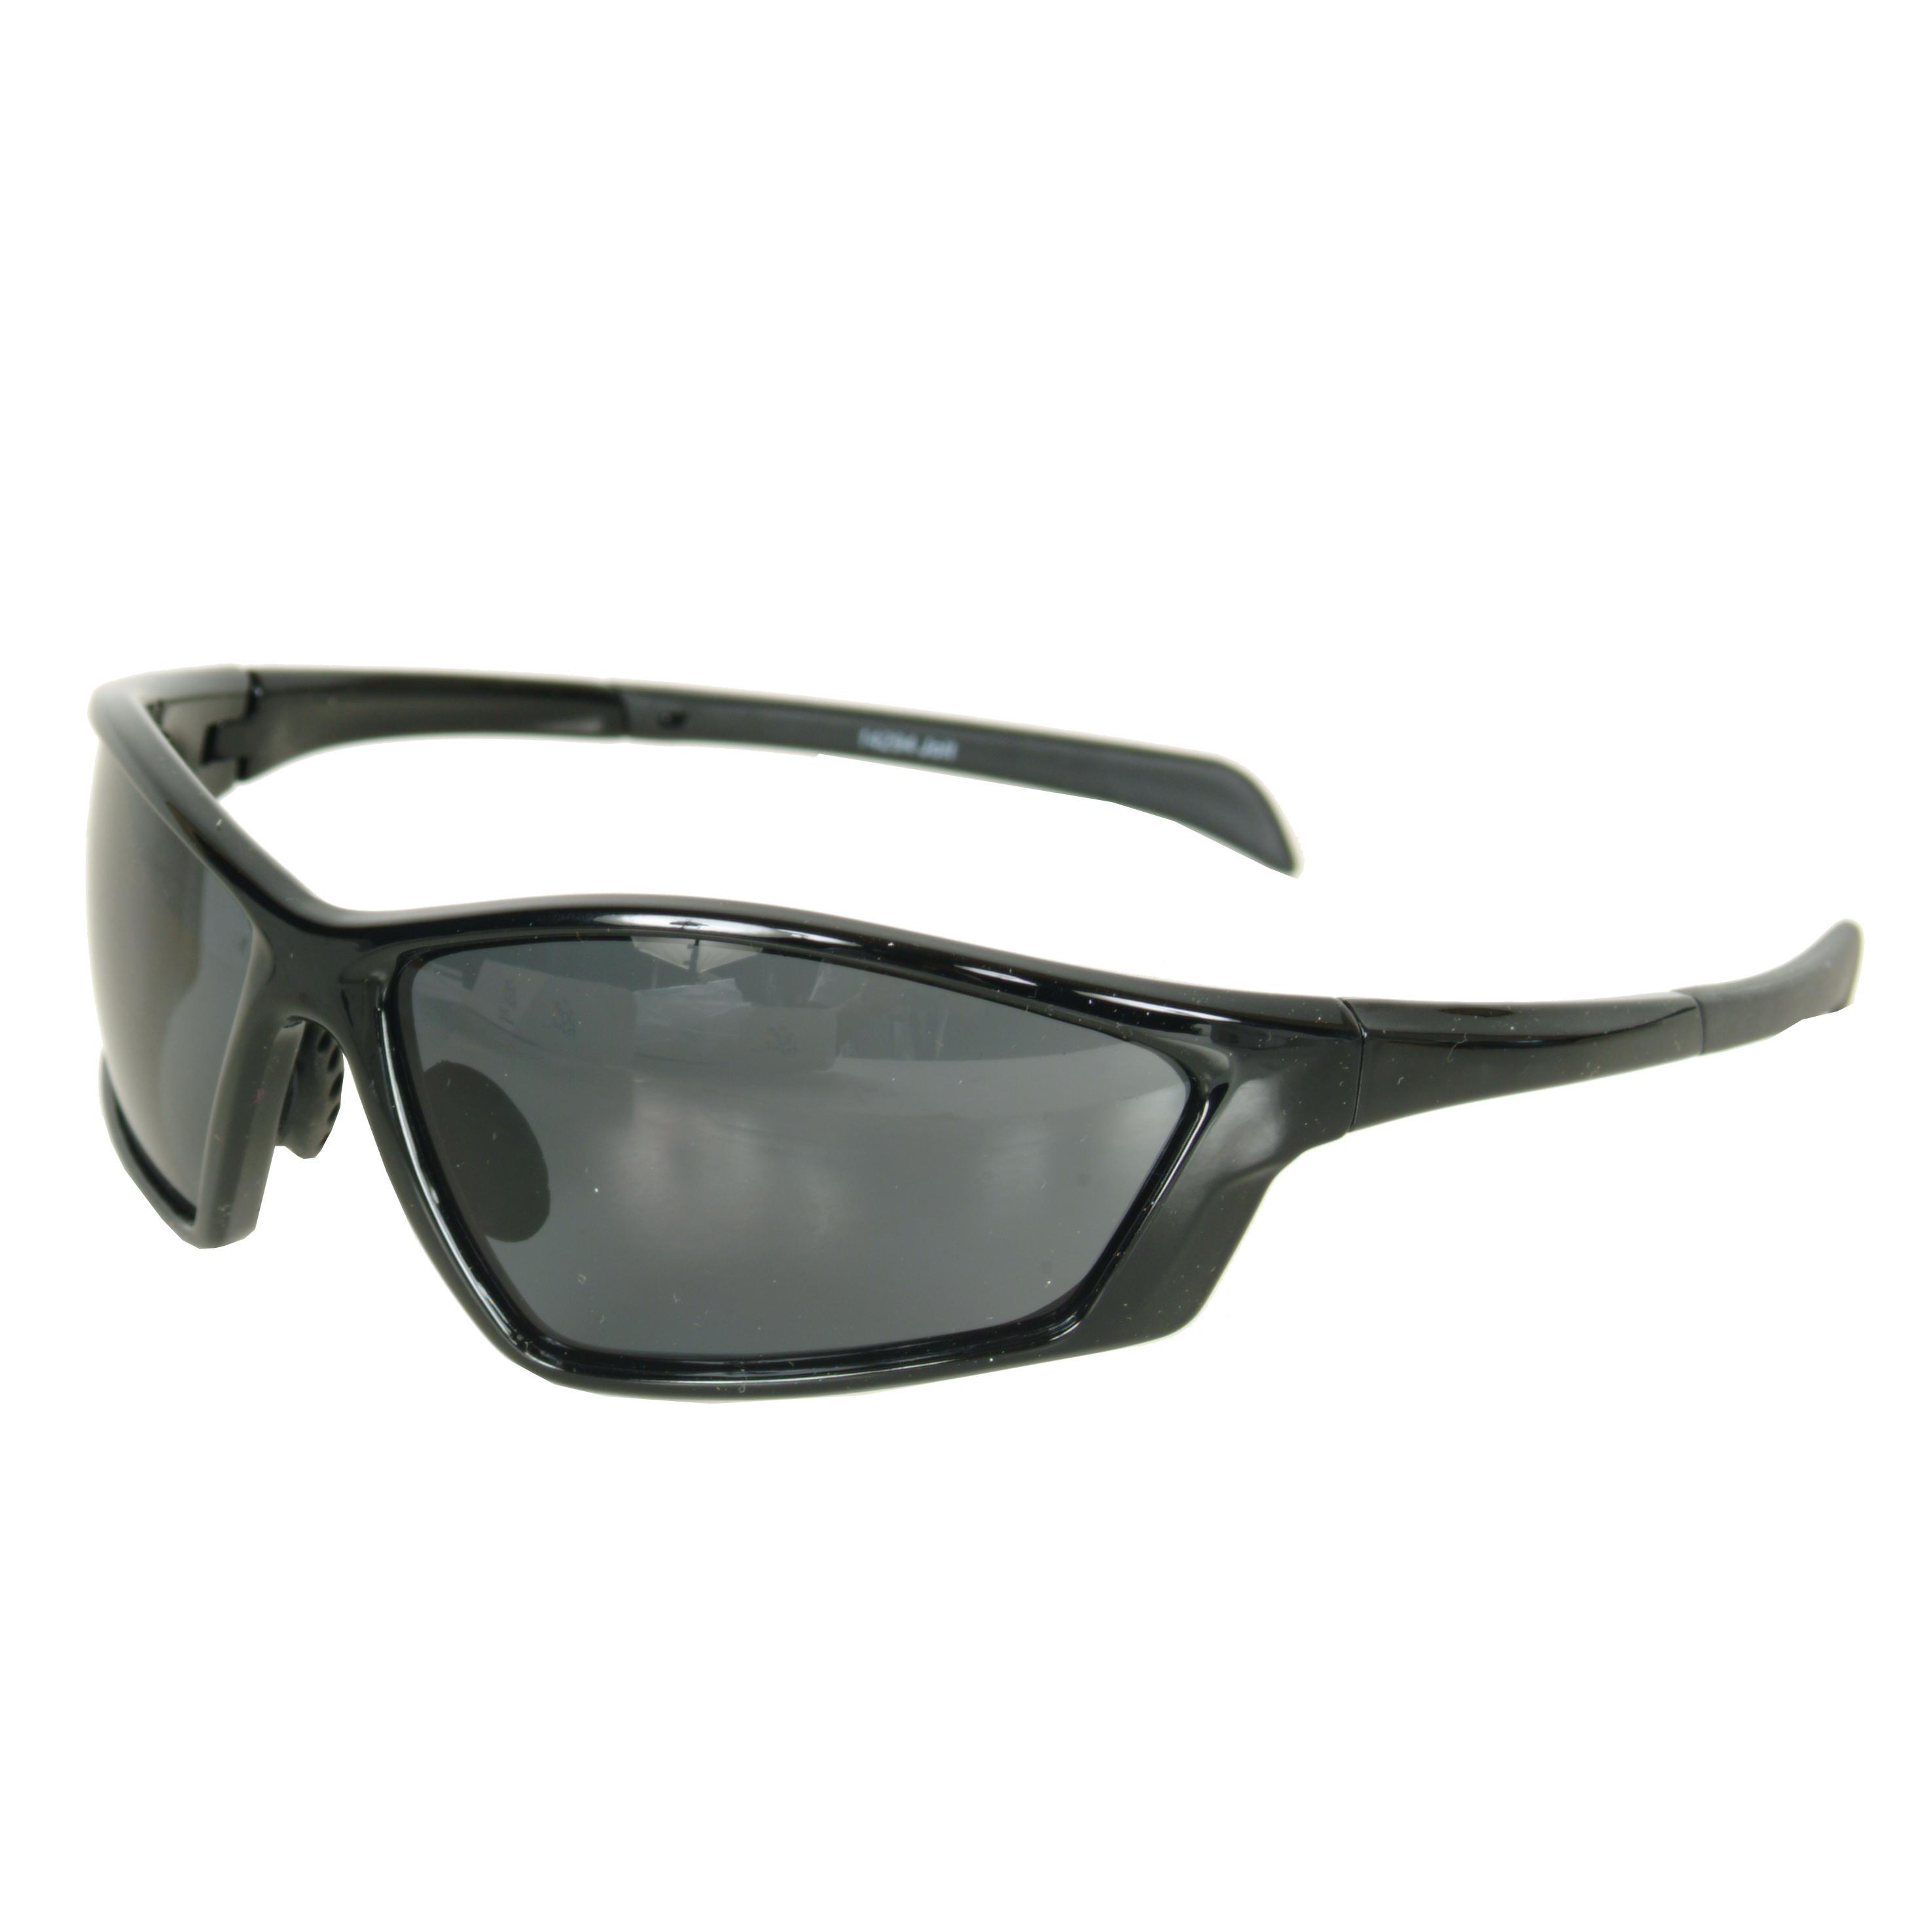 Tour de France Unisex 'Jolt' Black Sport Sunglasses